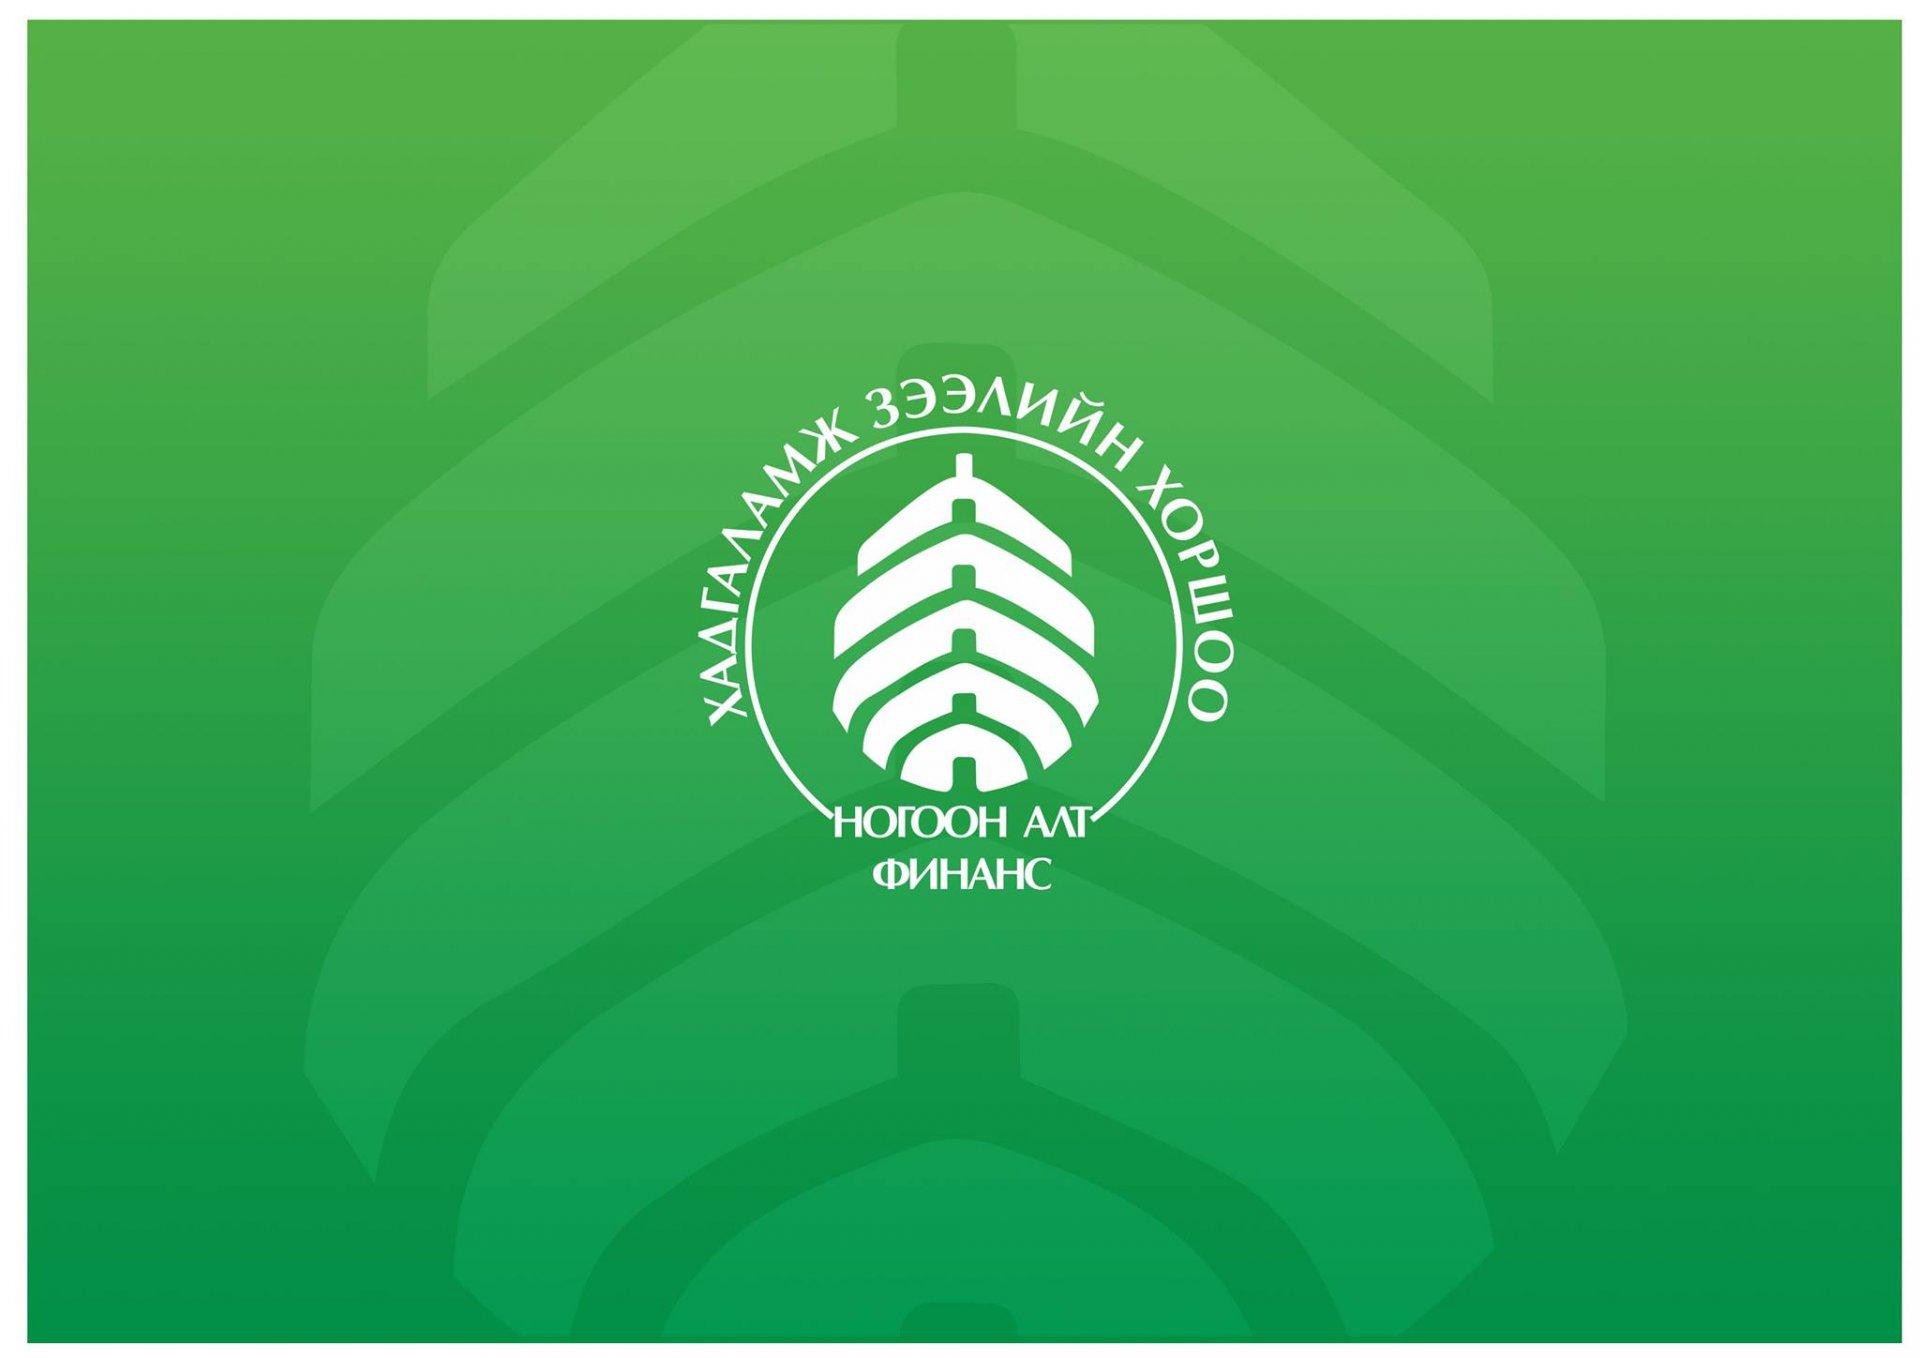 Ногоон Алт финанс ХЗХ-ний Бүх гишүүдийн хурлын зар